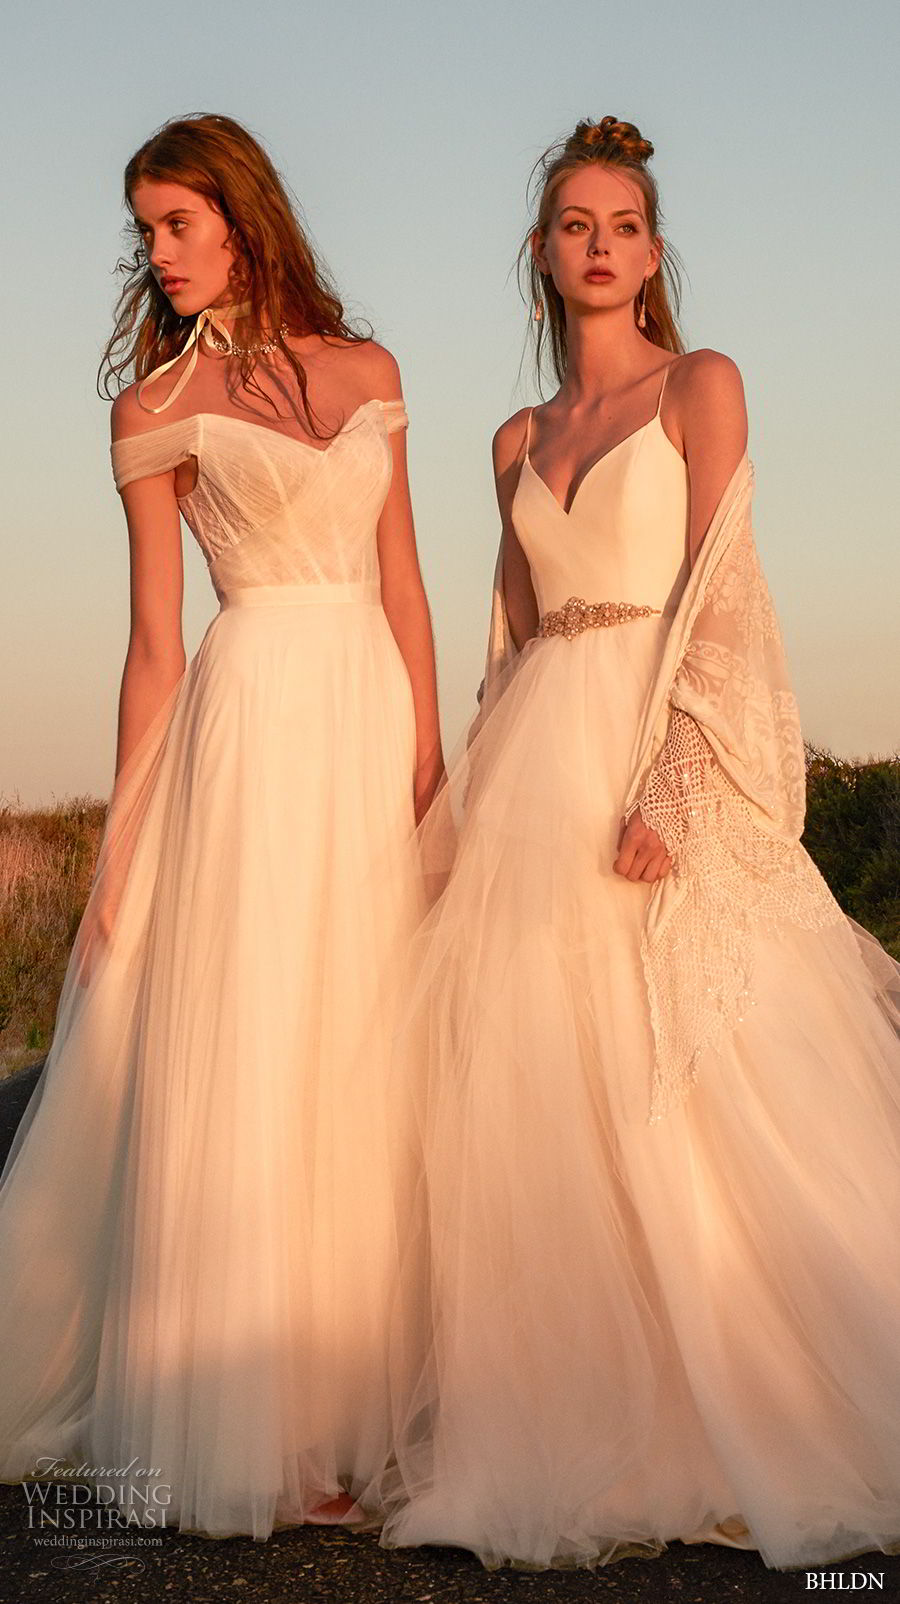 bhldn fall 2017  americana bridal wedding gowns wedding dresses